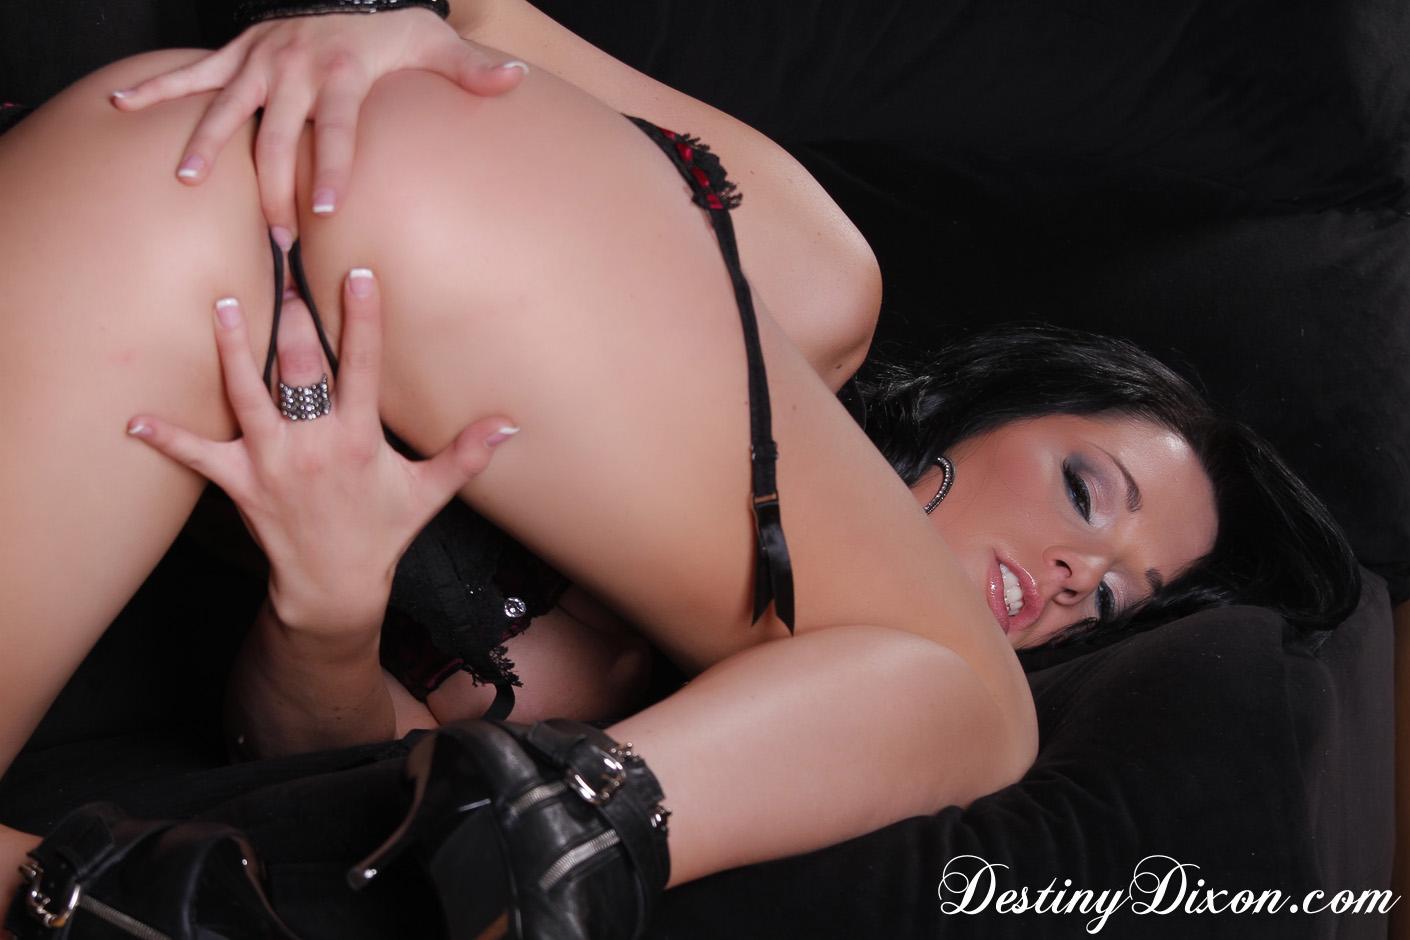 Destiny Dixon - Destiny Dixon Fingers Herself at AmateurIndex.com